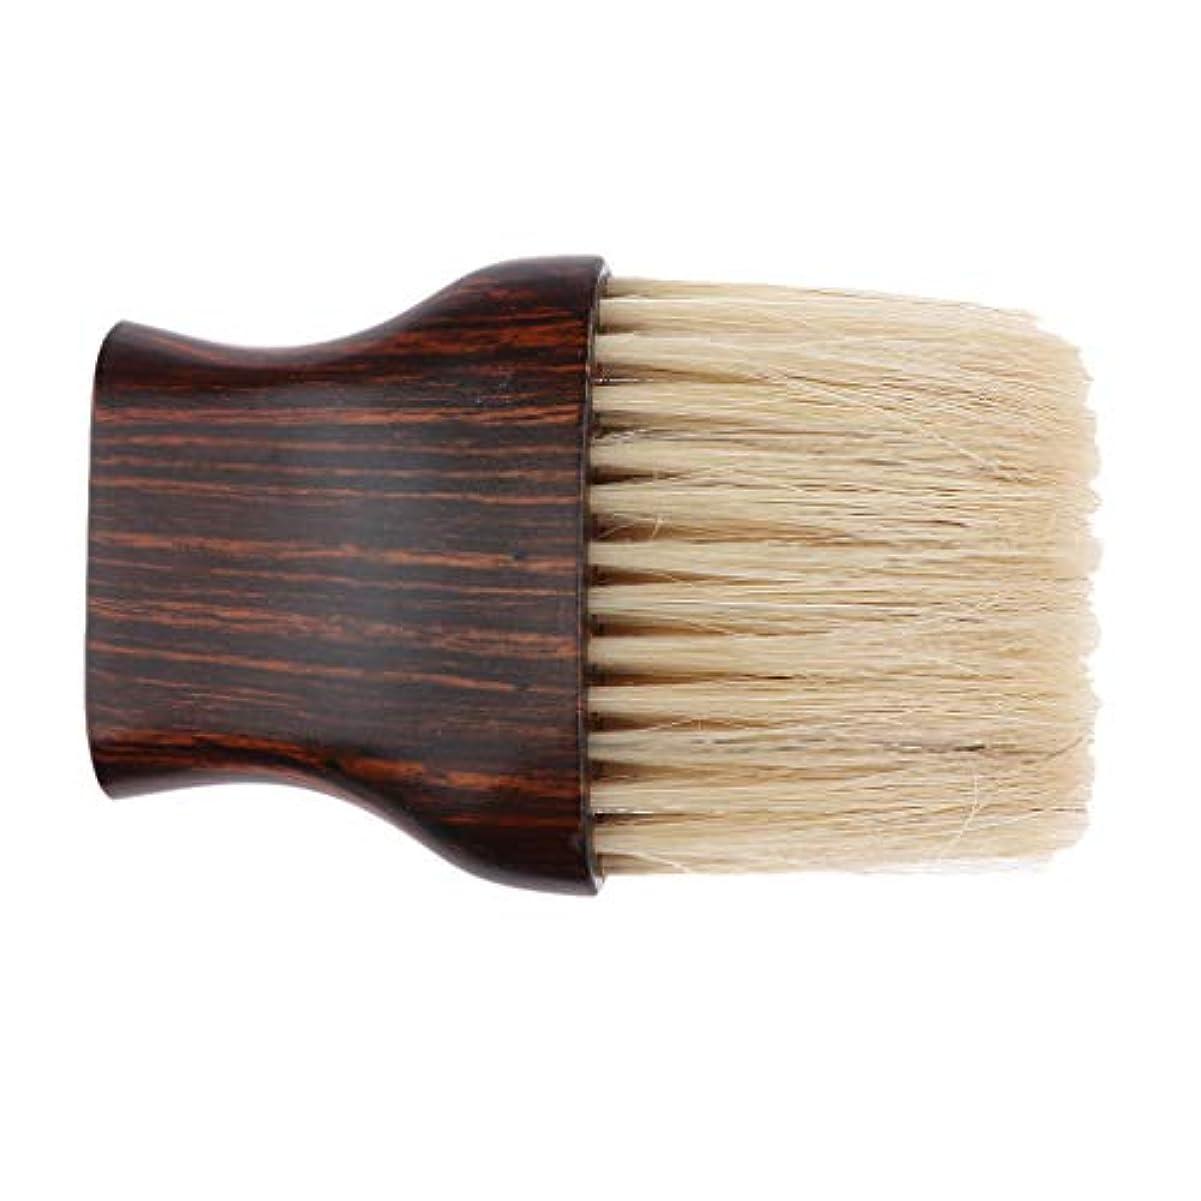 所持抗議配当理髪 ネックダスターブラシ クリーニング ヘアブラシ ヘアスイープブラシ サロンヘアカット ツール